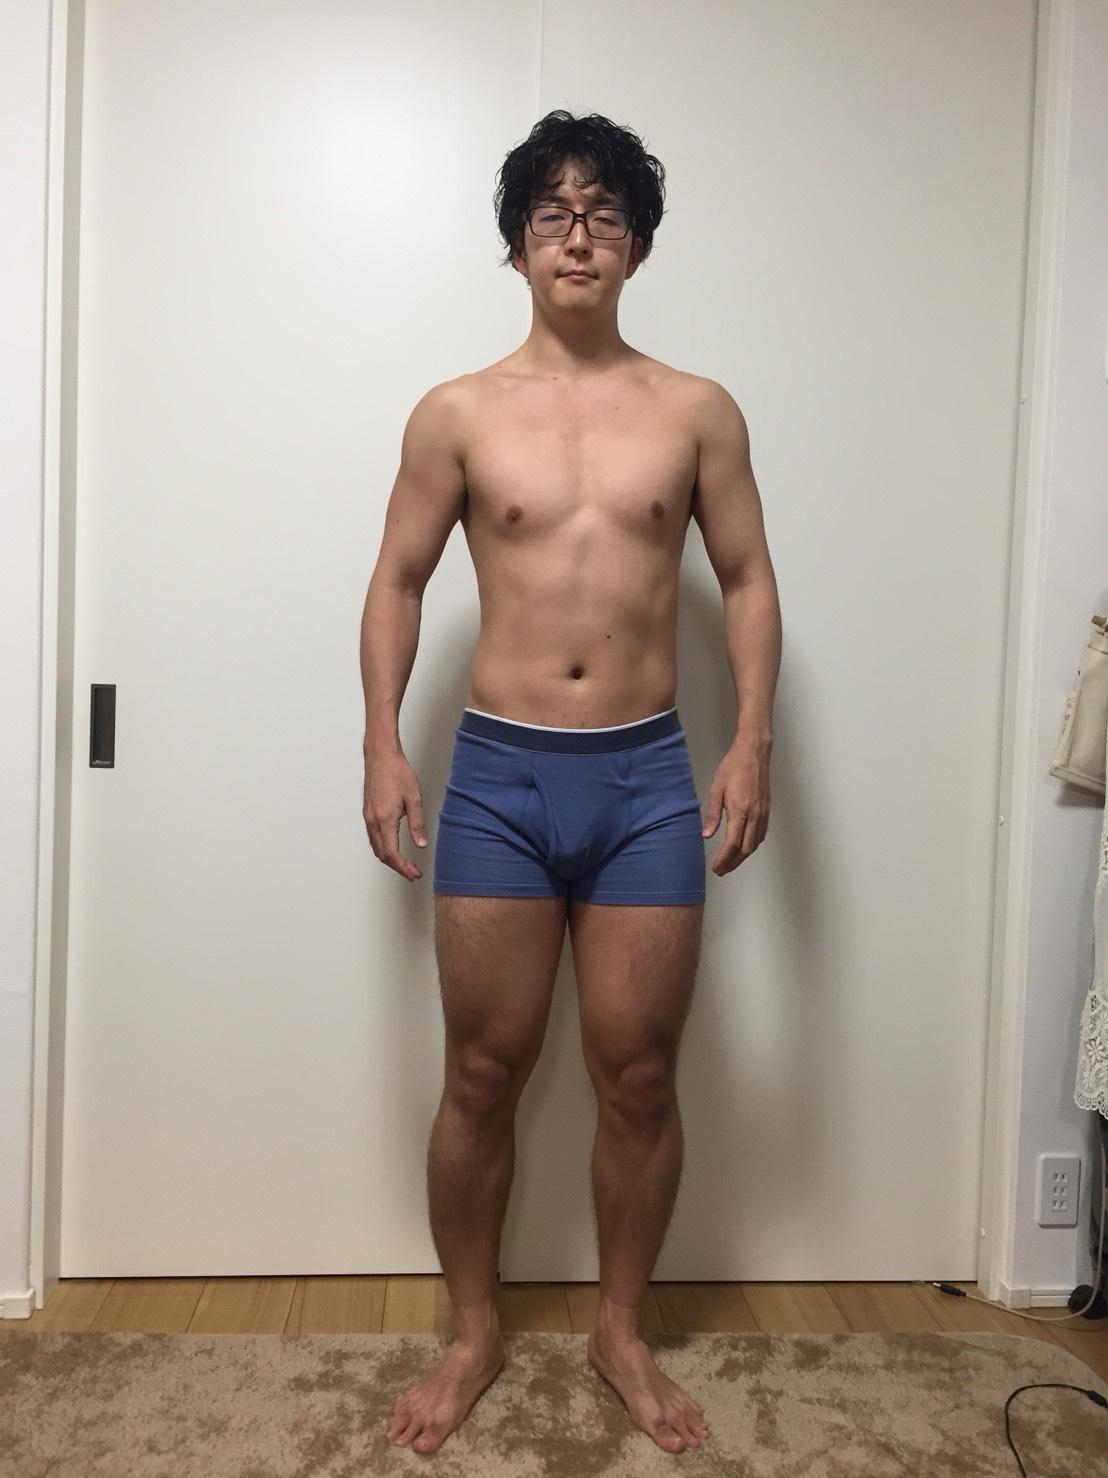 2018年6月14日:体重:75.85kg 体脂肪率:15.1%の正面の様子